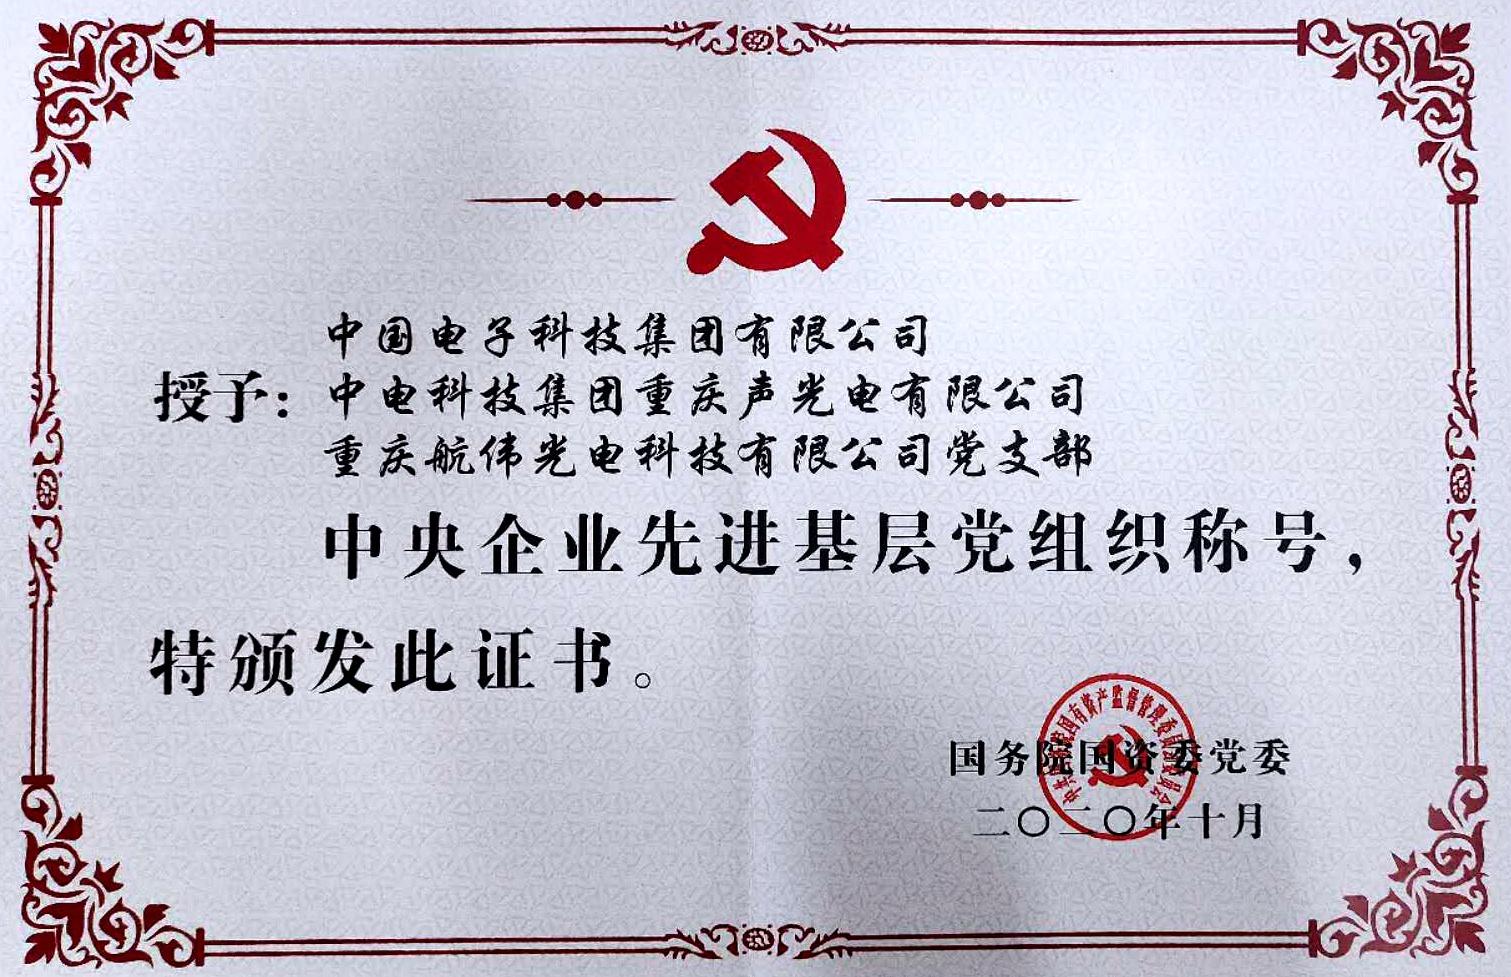 中央企业先进基层党组织